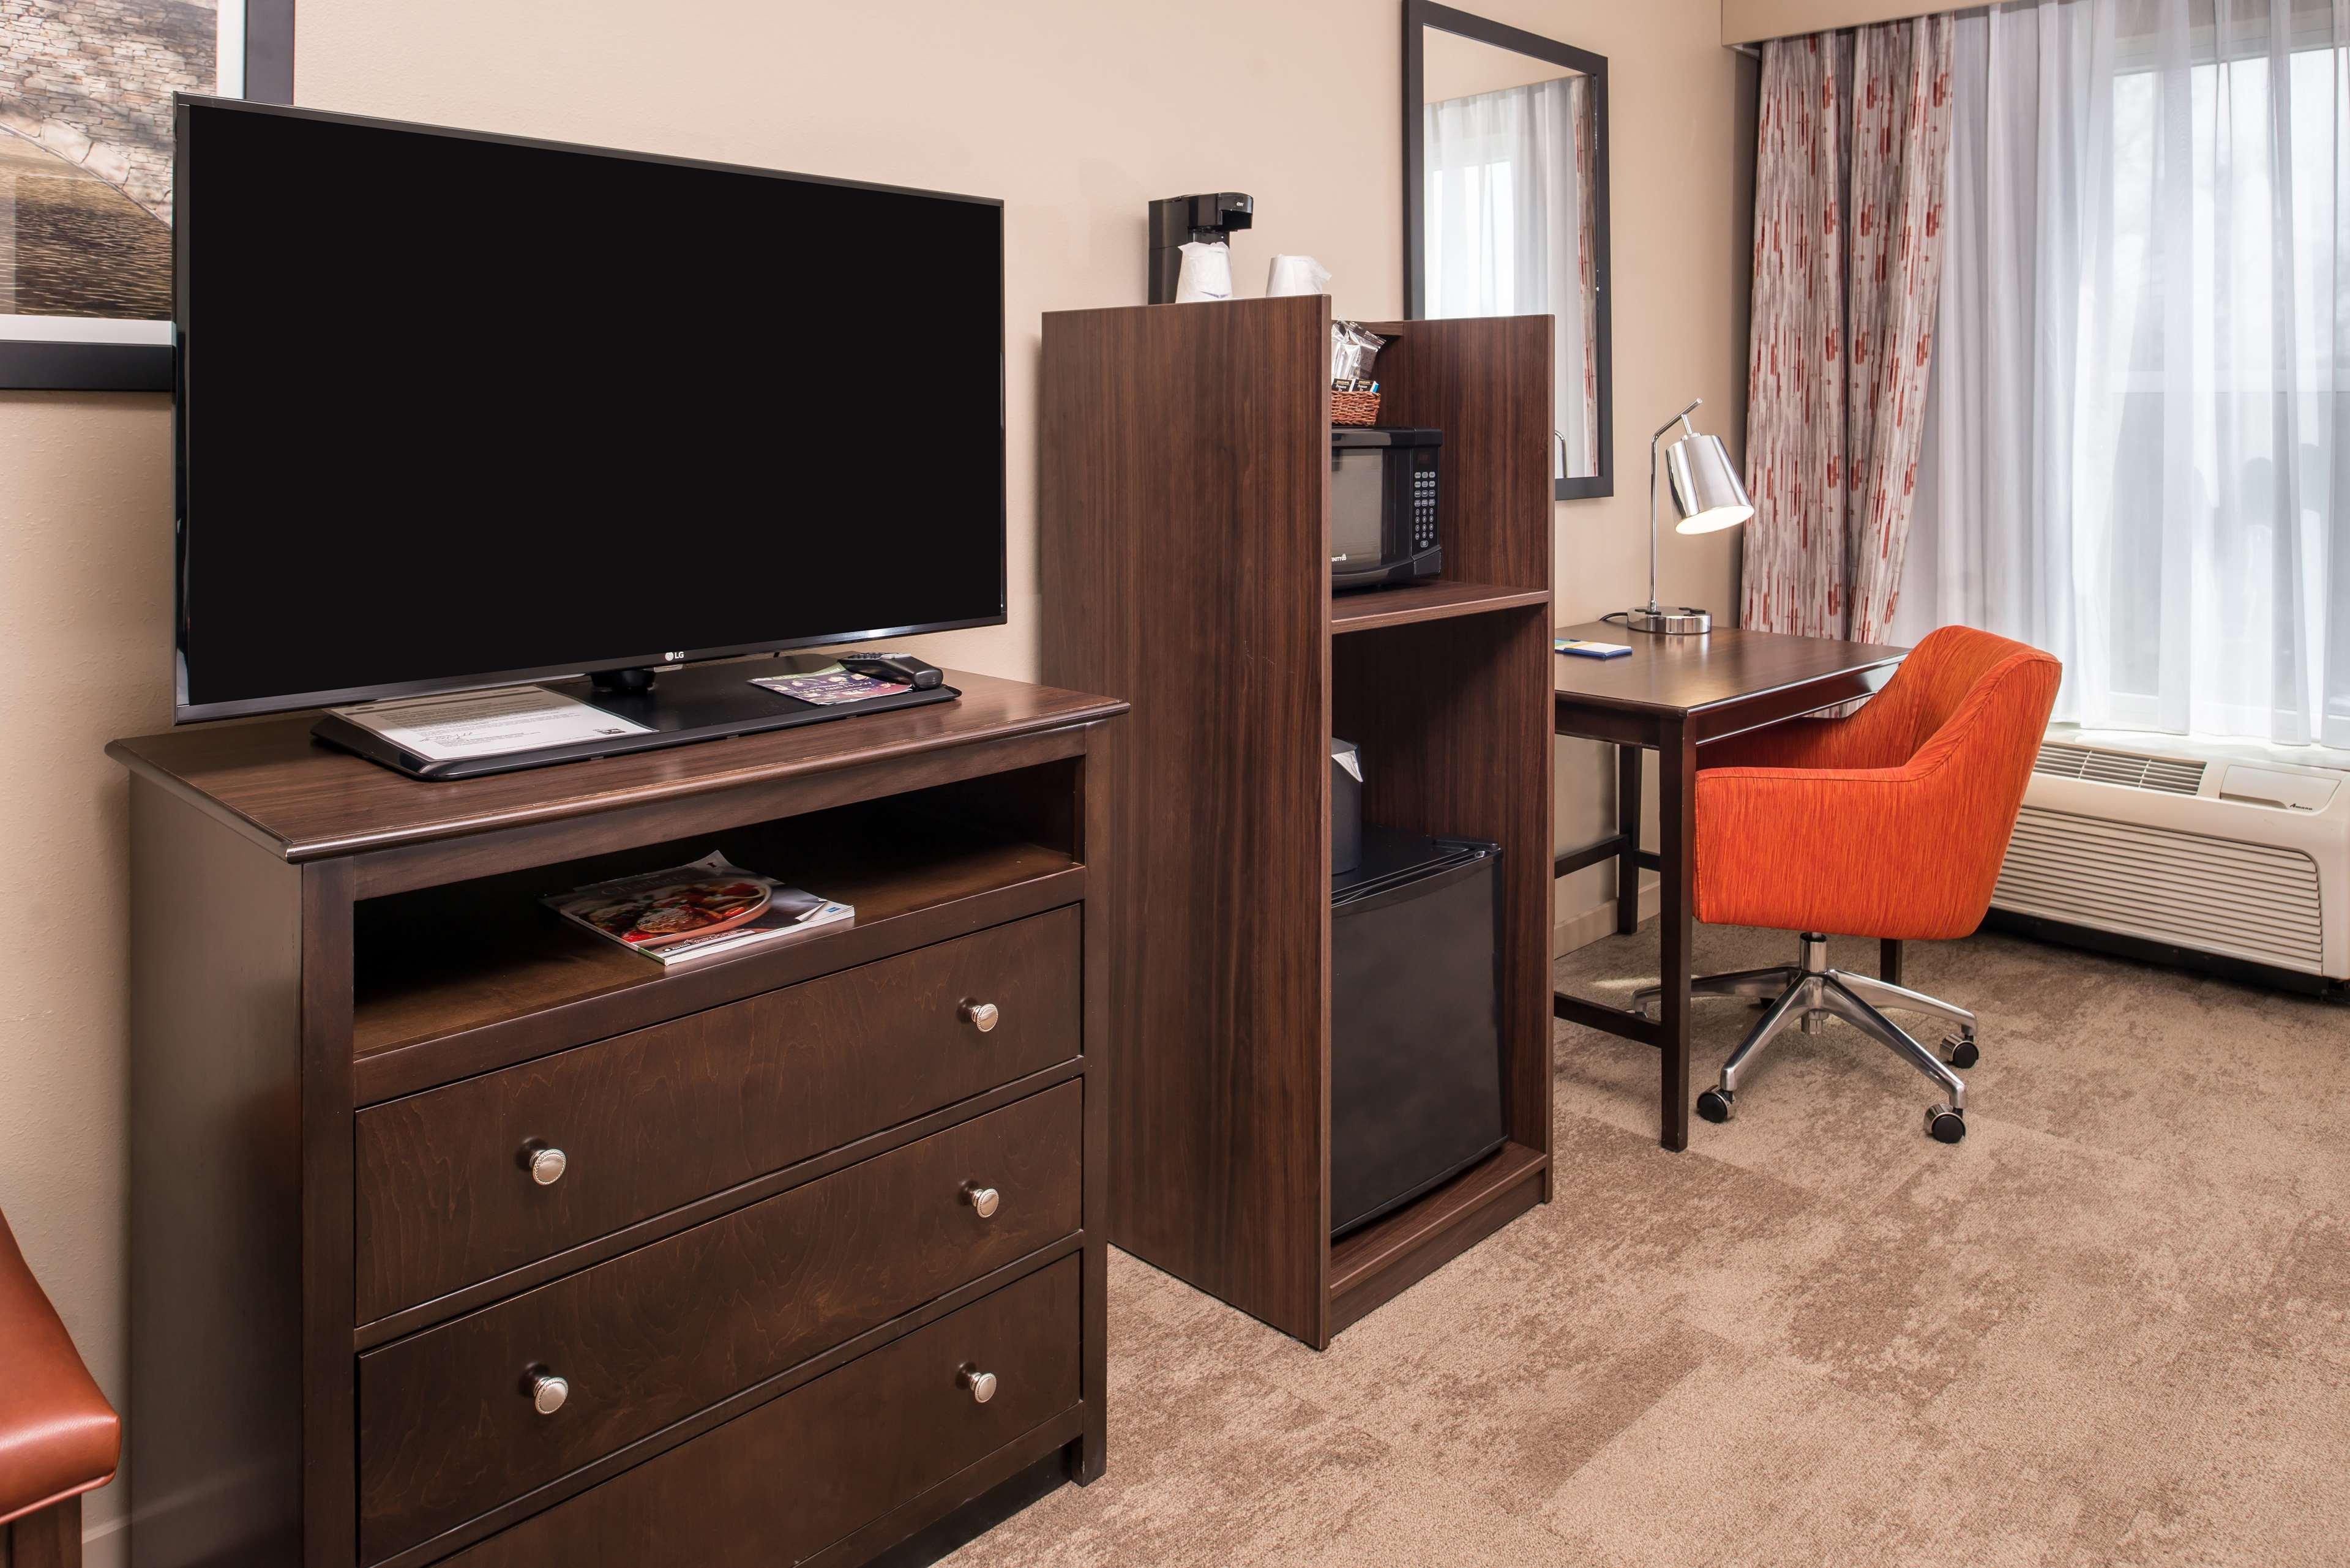 Hampton Inn & Suites Charlotte-Arrowood Rd. image 21